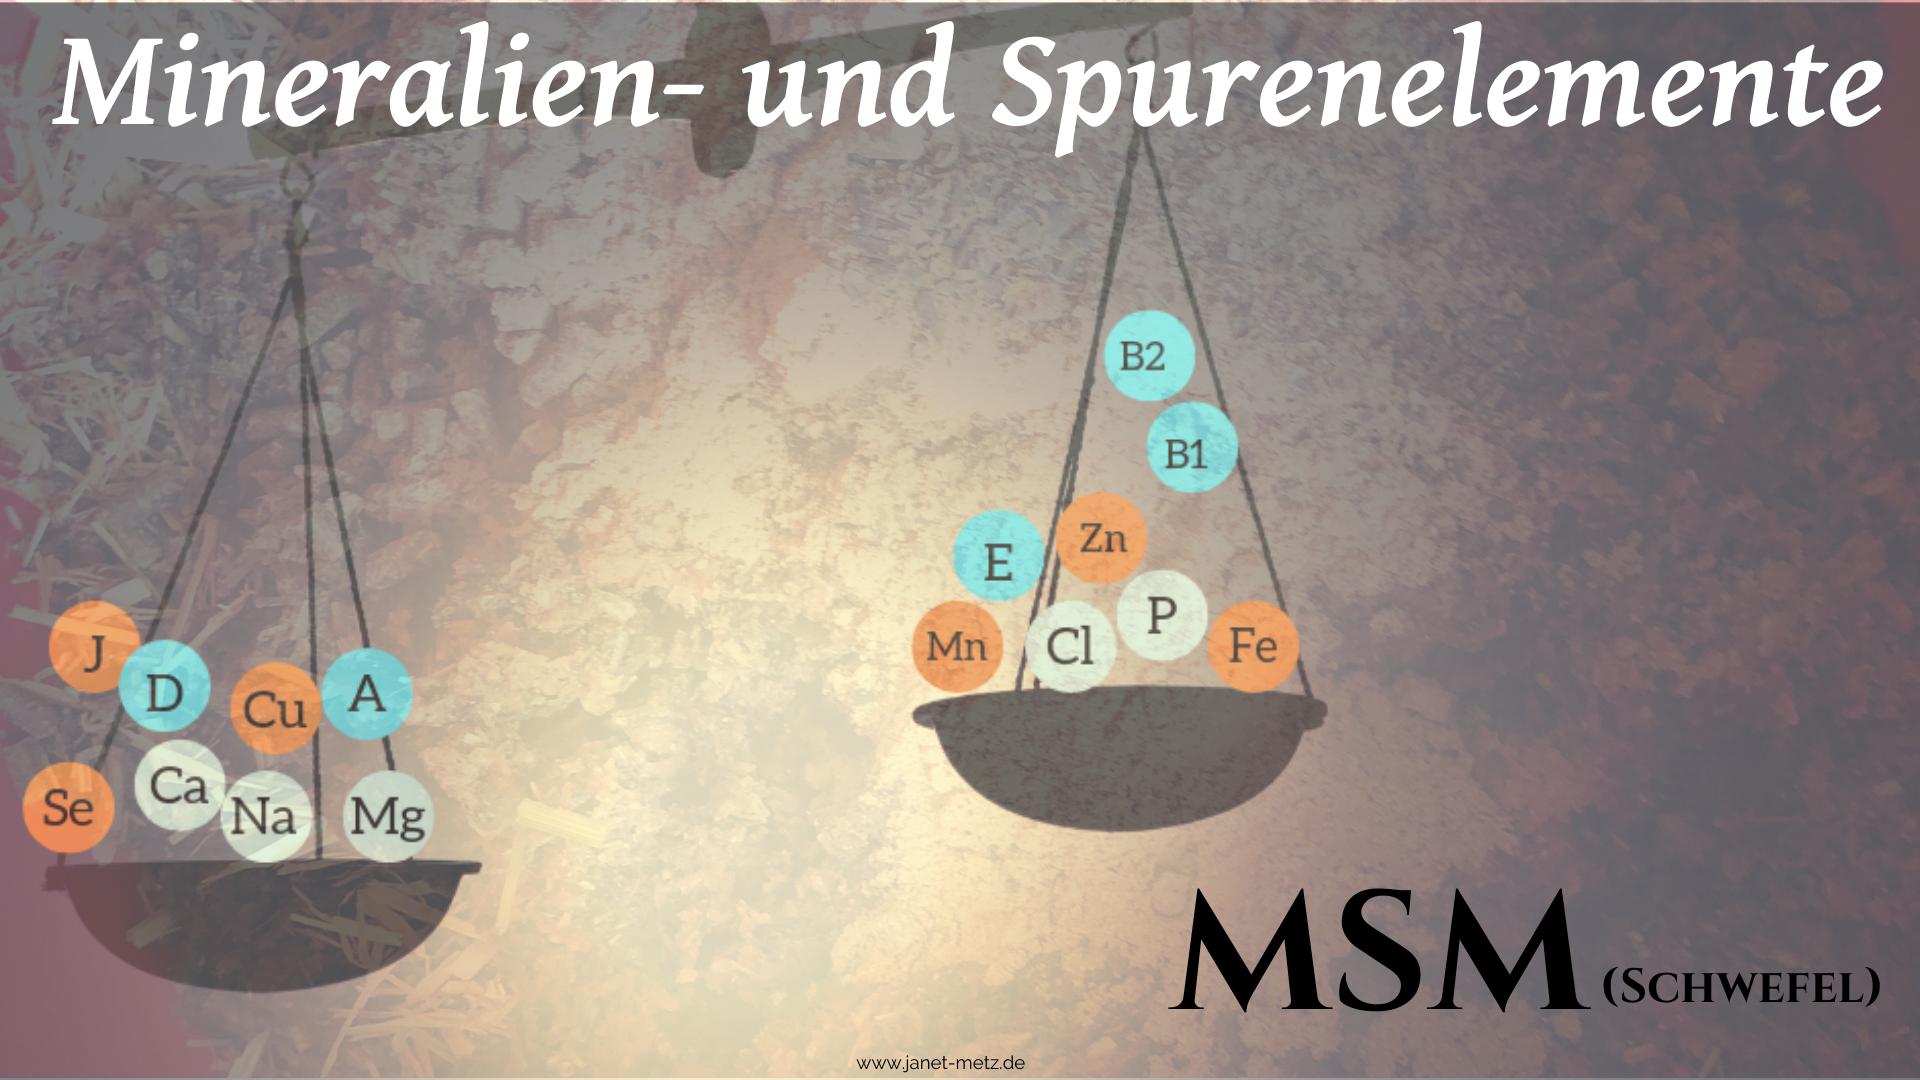 MSM (Schwefel)